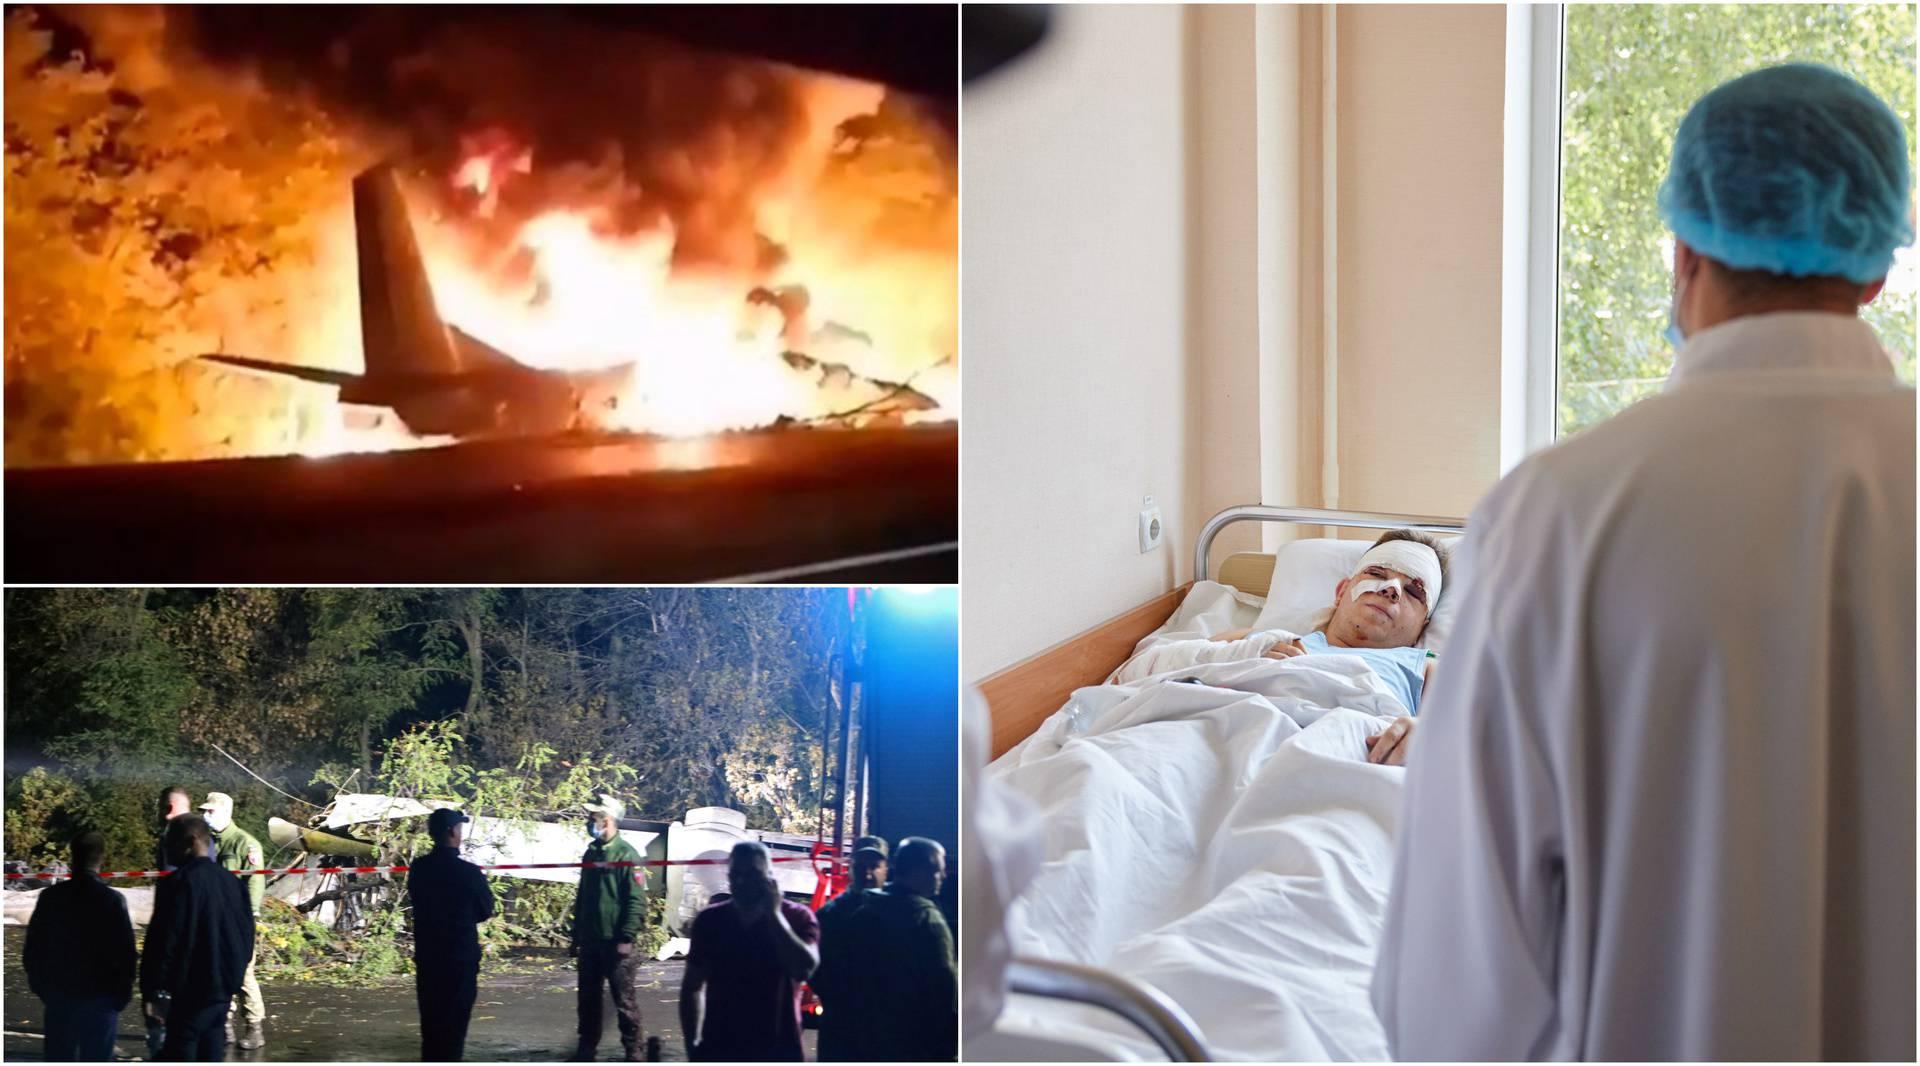 Preživio eksploziju aviona: 'Bilo je kao u igrici. Iskočio sam van i vidio prijatelja u plamenu'